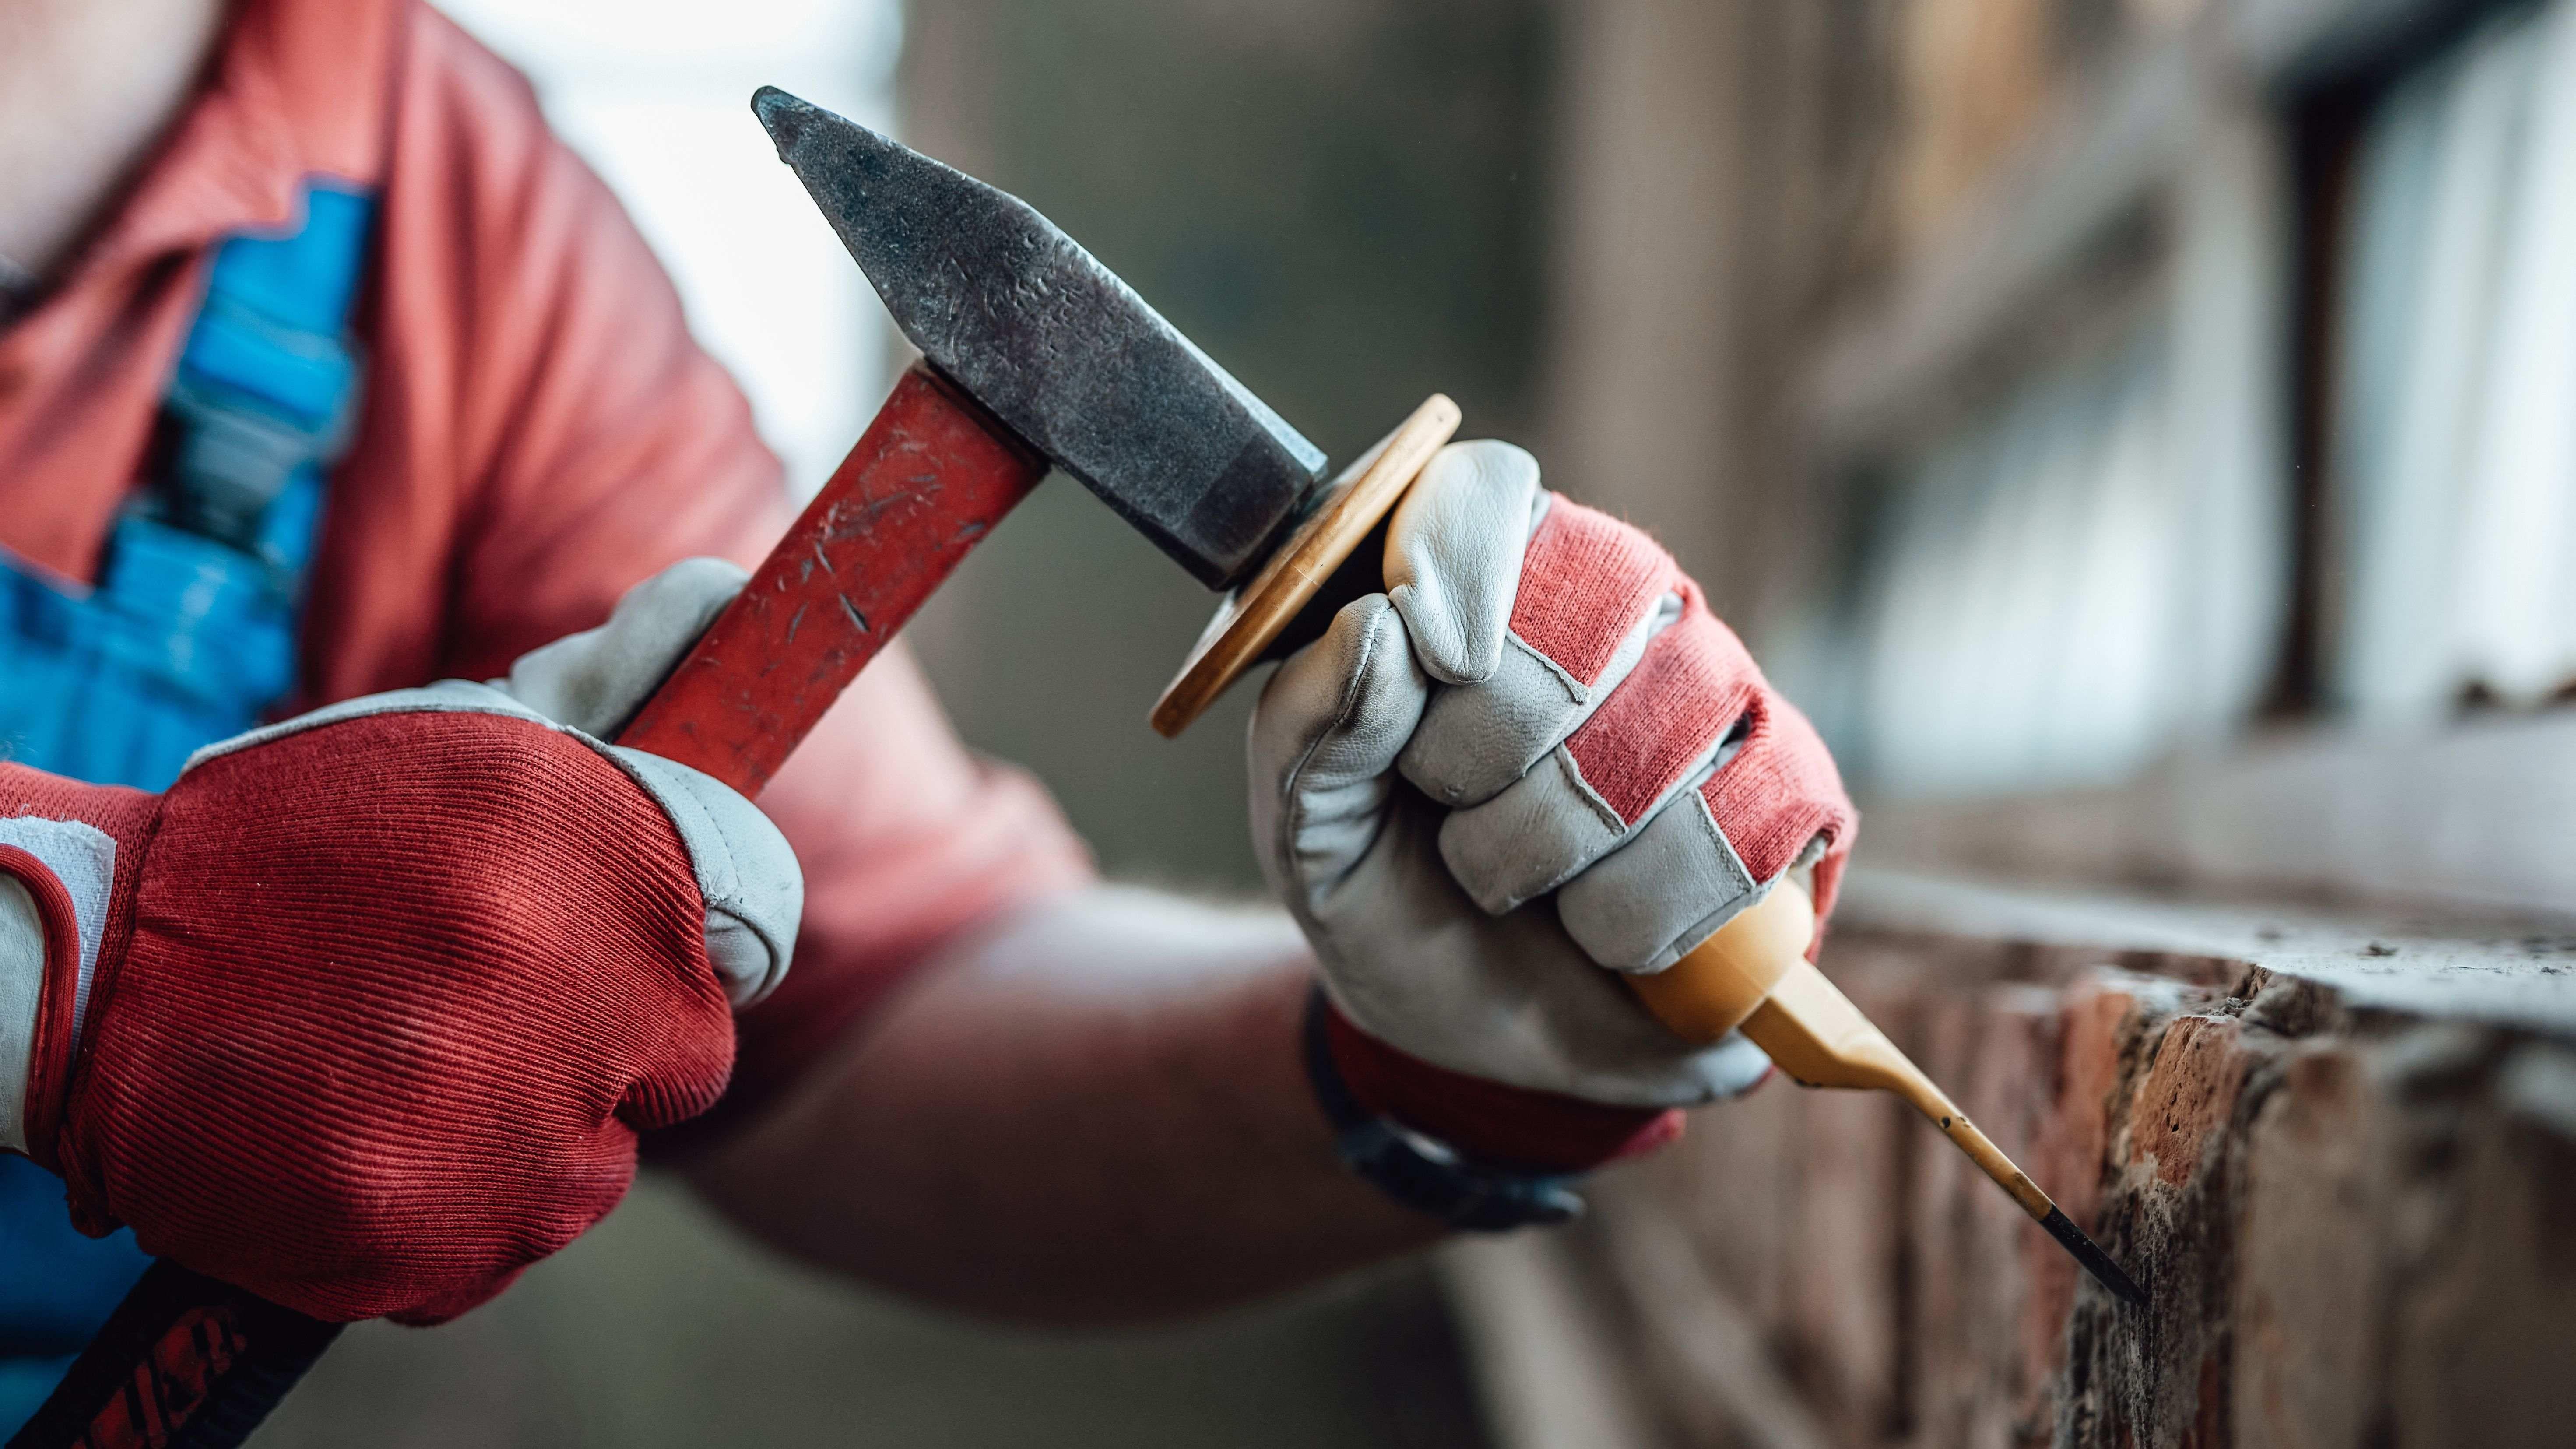 Striking tools buying guide